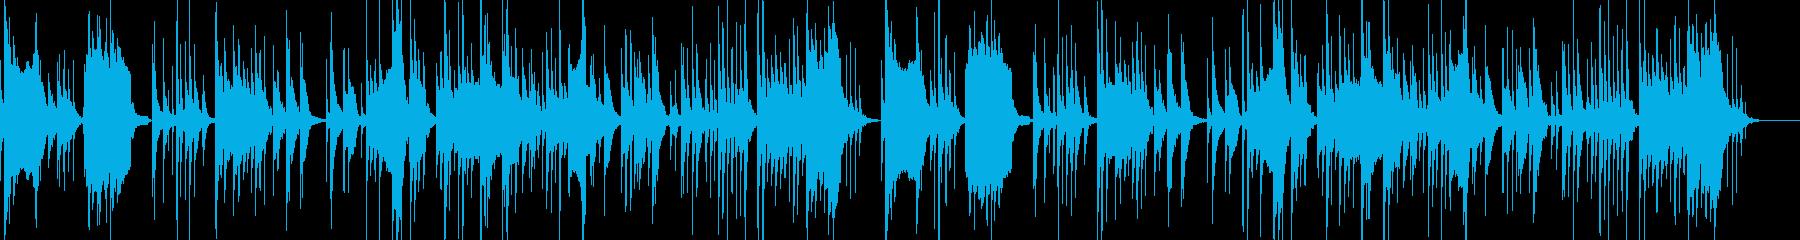 和風 お琴の調べと篠笛と鼓のBGMの再生済みの波形